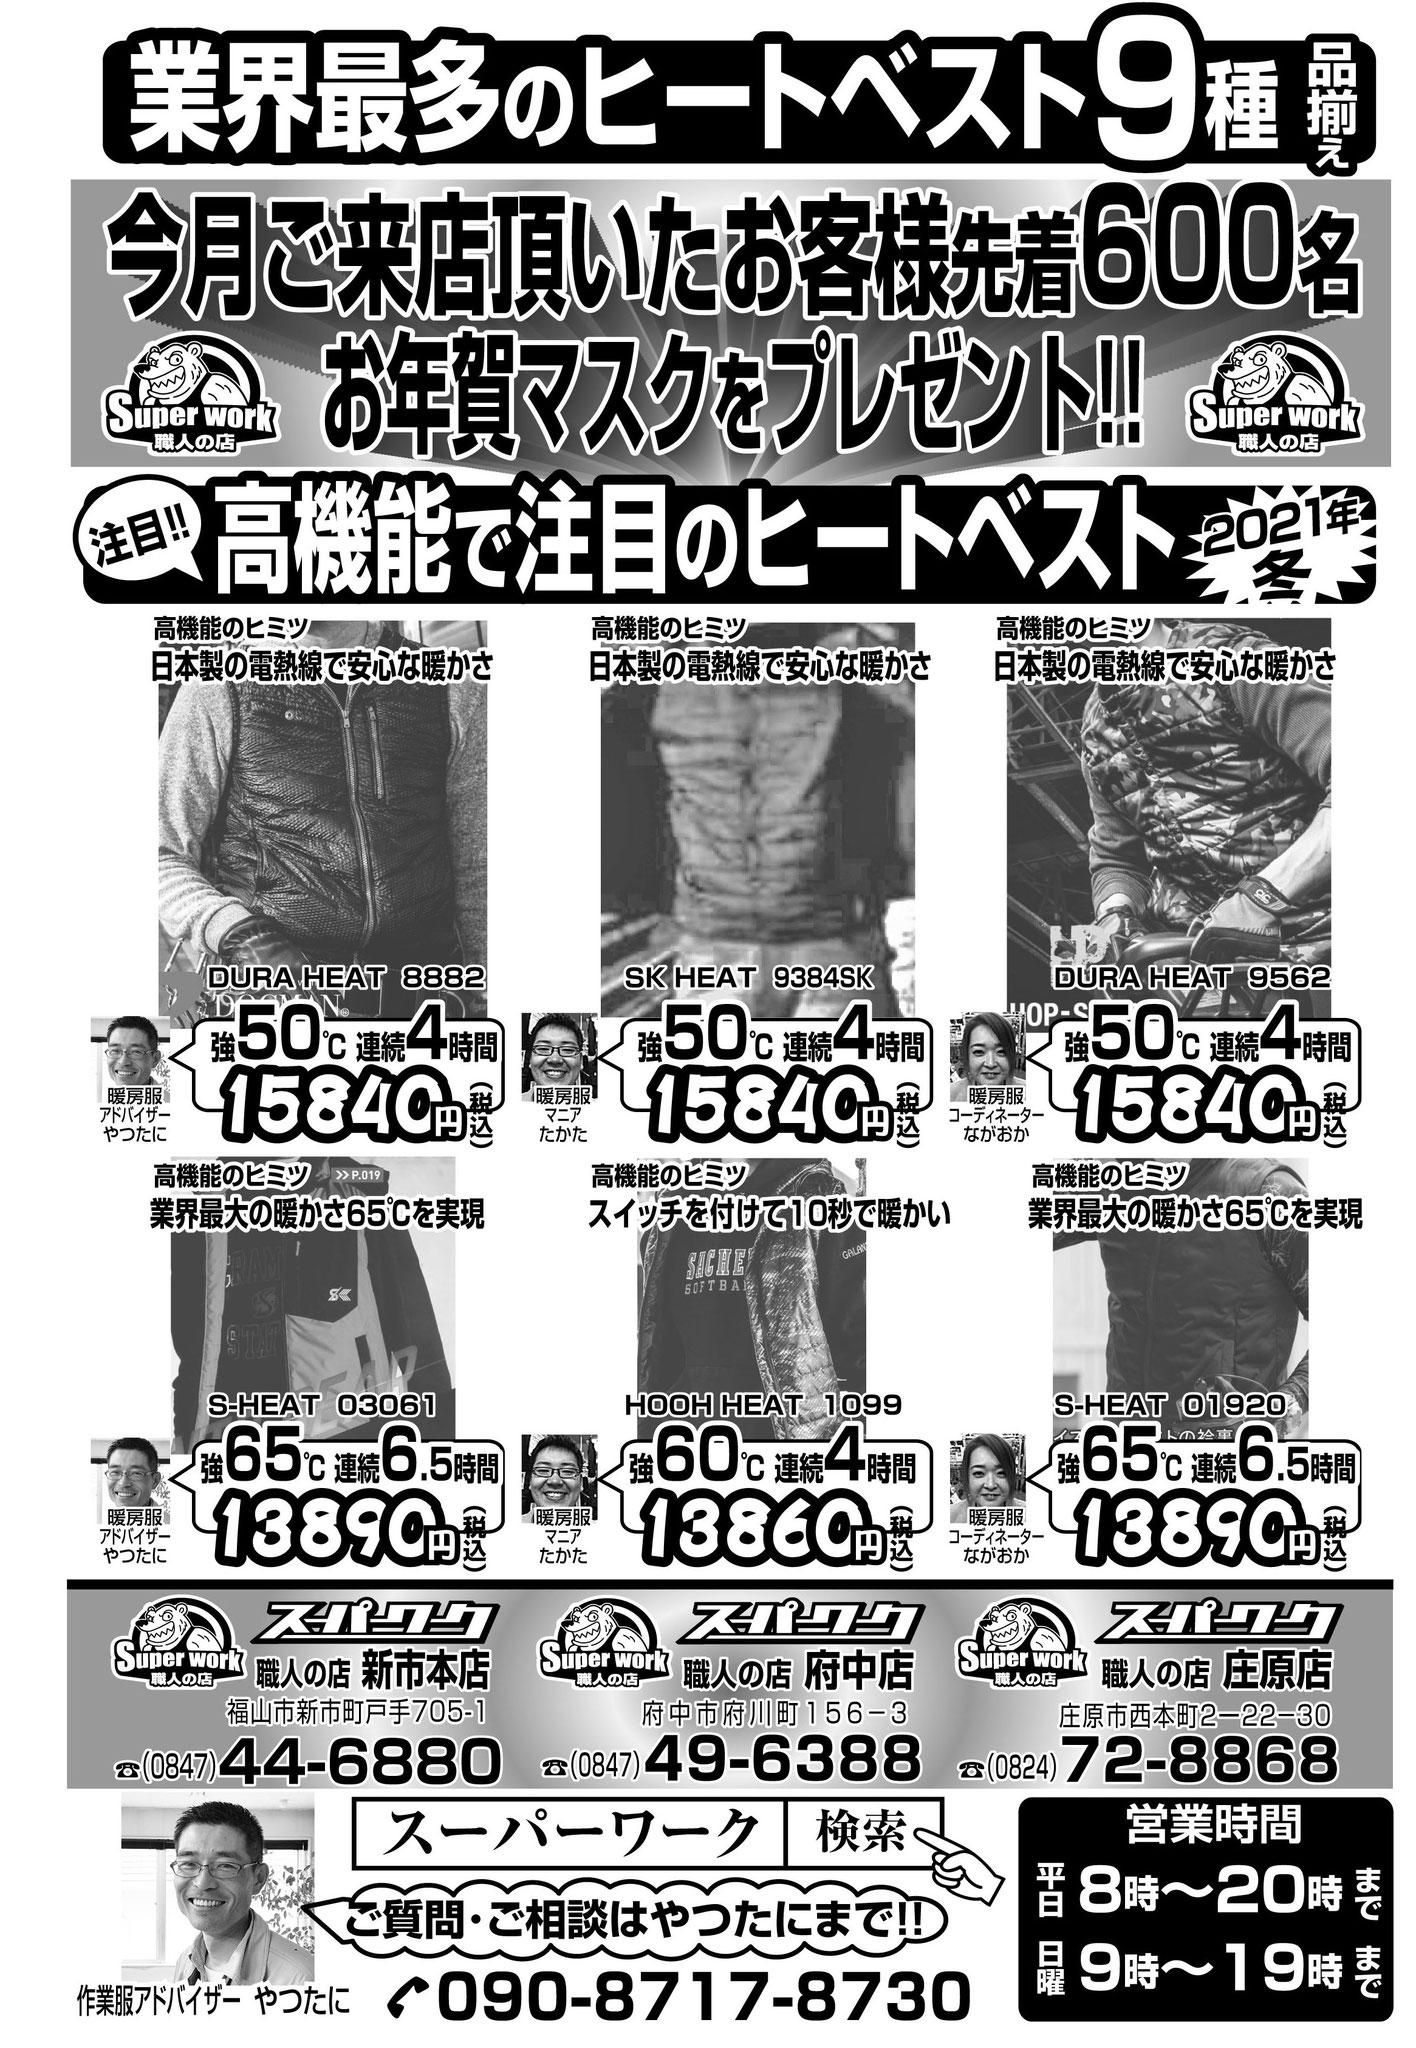 ヒートベスト<煖房ベスト>の専門店 9種類ラインナップしました!!